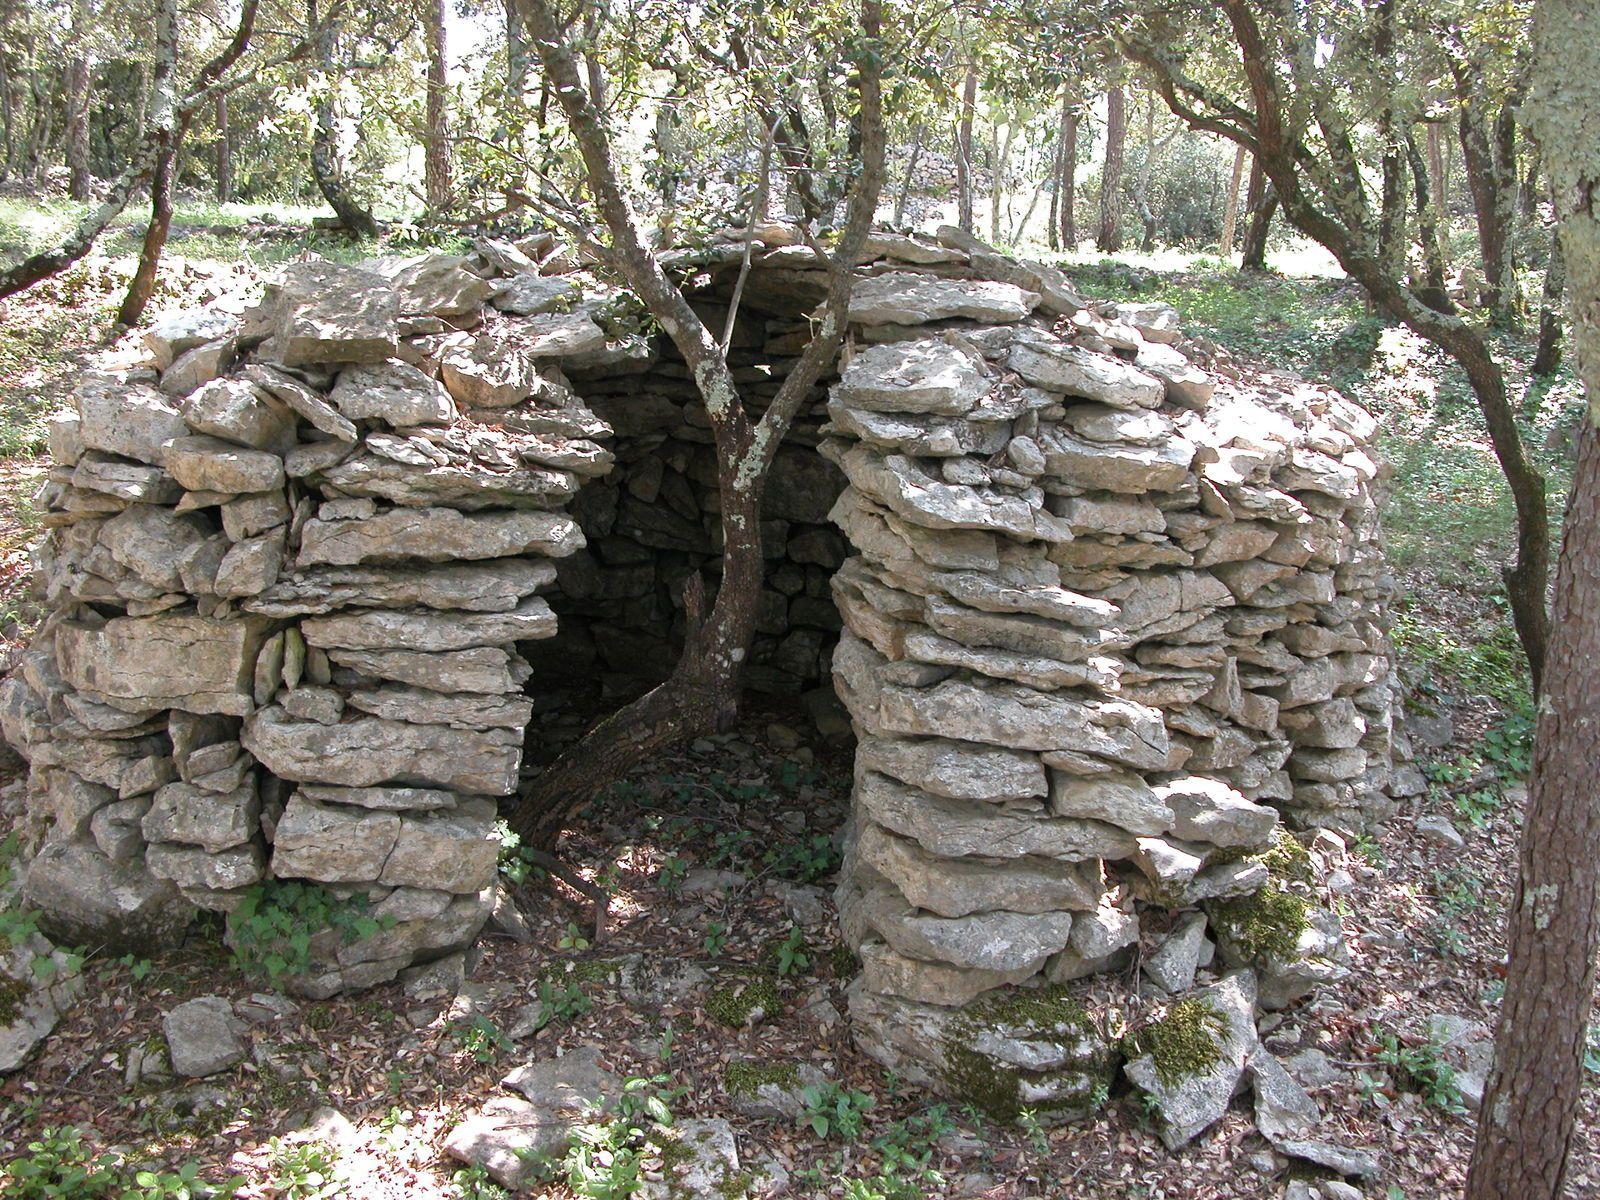 Cette cabane n'a plus de toit et un chêne pousse en son centre.